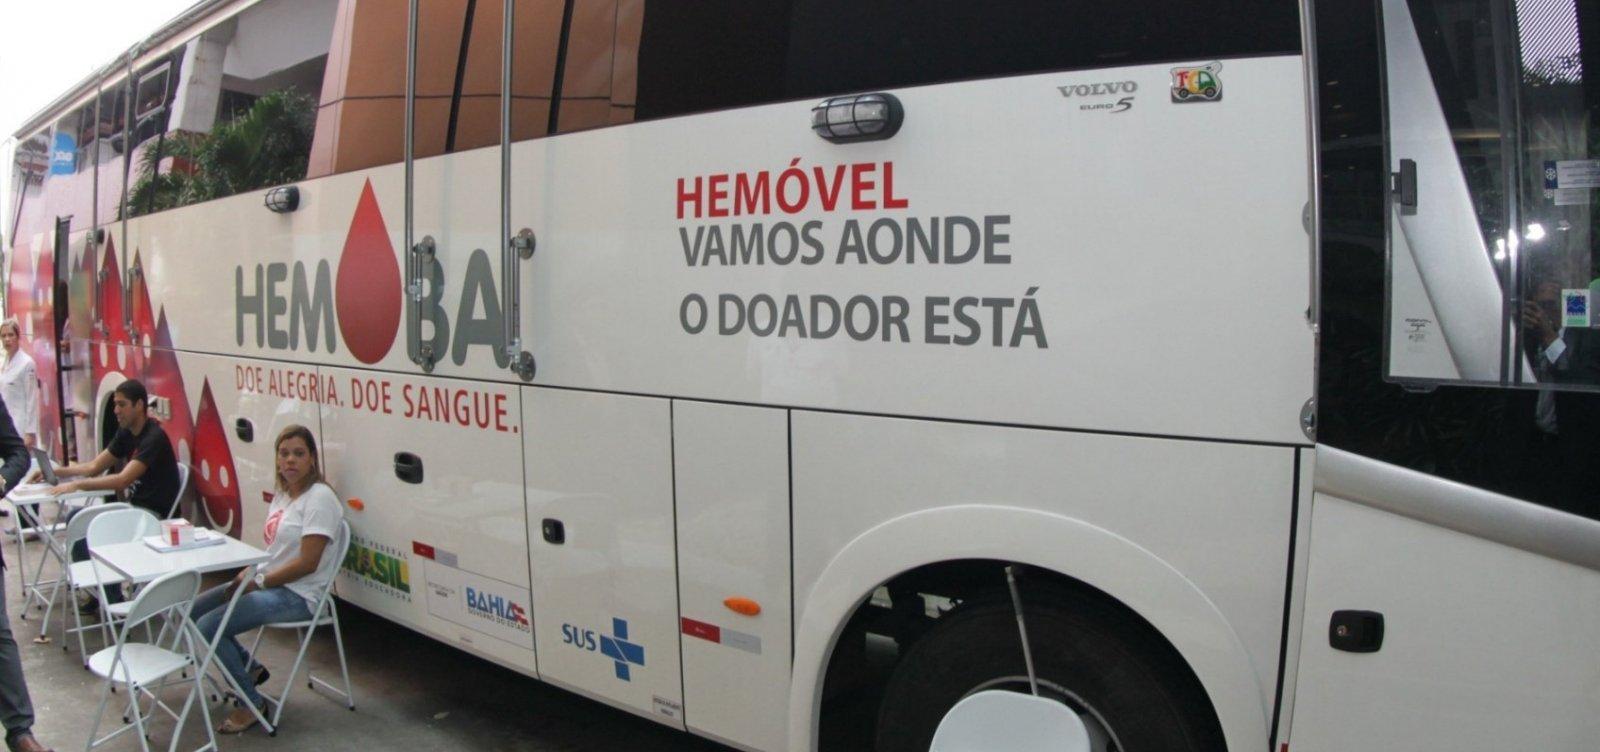 [Hemóveis realizam coleta de sangue em Salvador e Feira até sexta; veja locais]